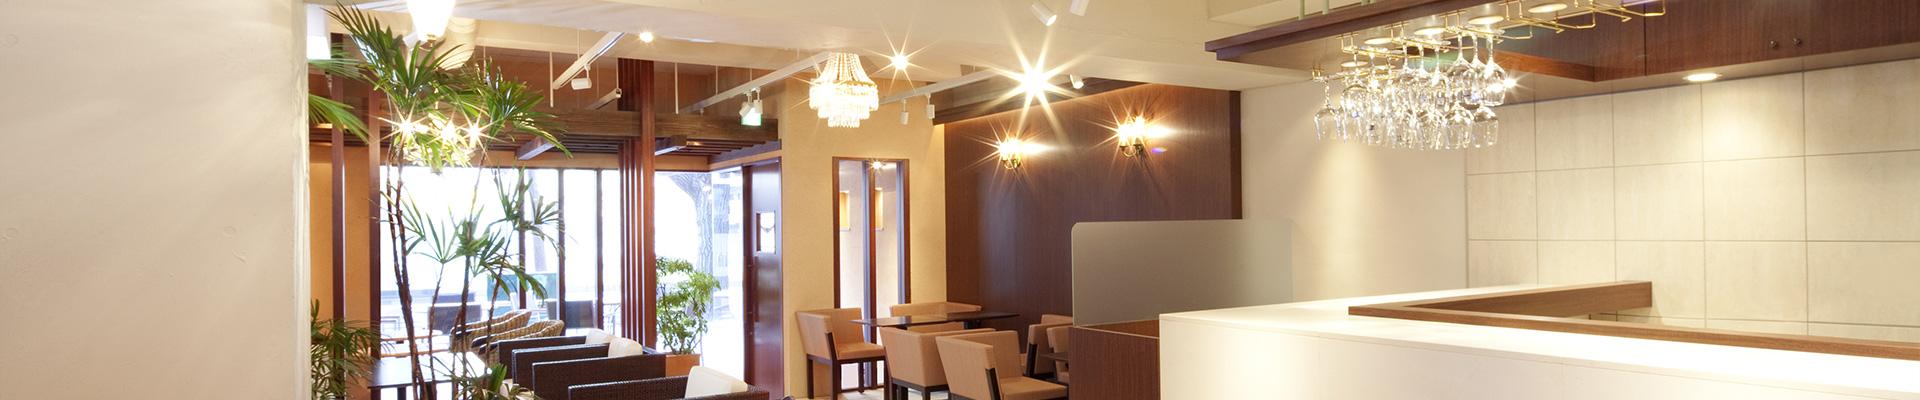 飲食店の業務用エアコンの施工実績ページイメージ画像